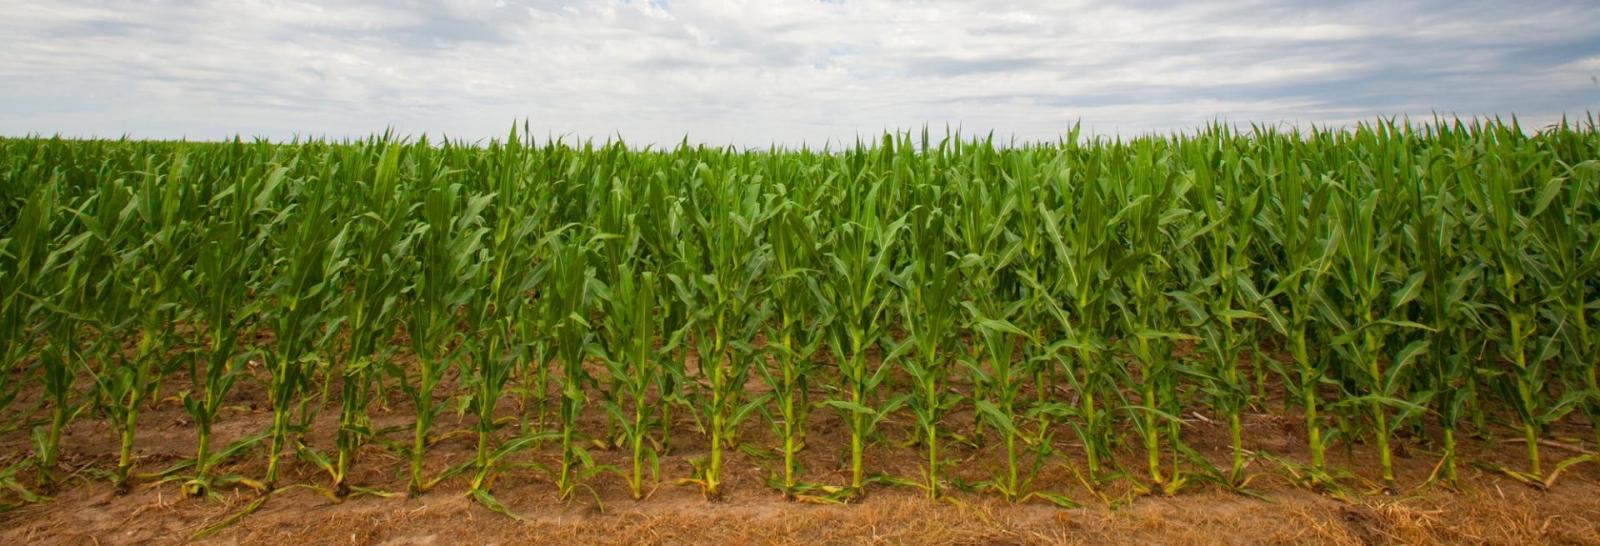 A field of corn.